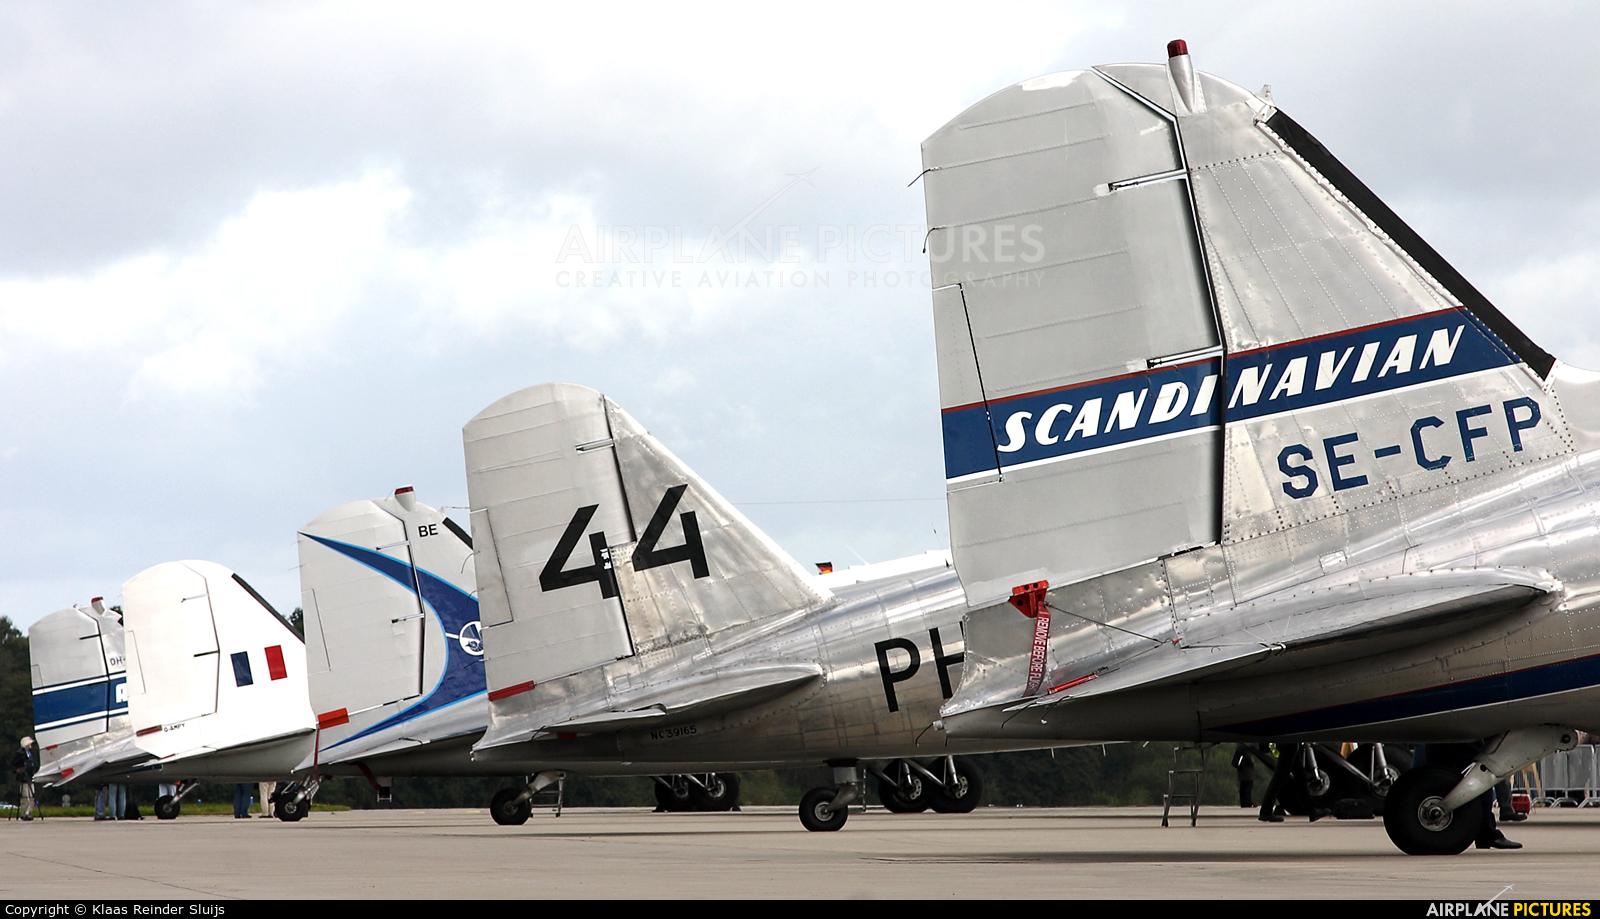 SAS - Flygande Veteraner SE-CFP aircraft at Hamburg - Fuhlsbüttel